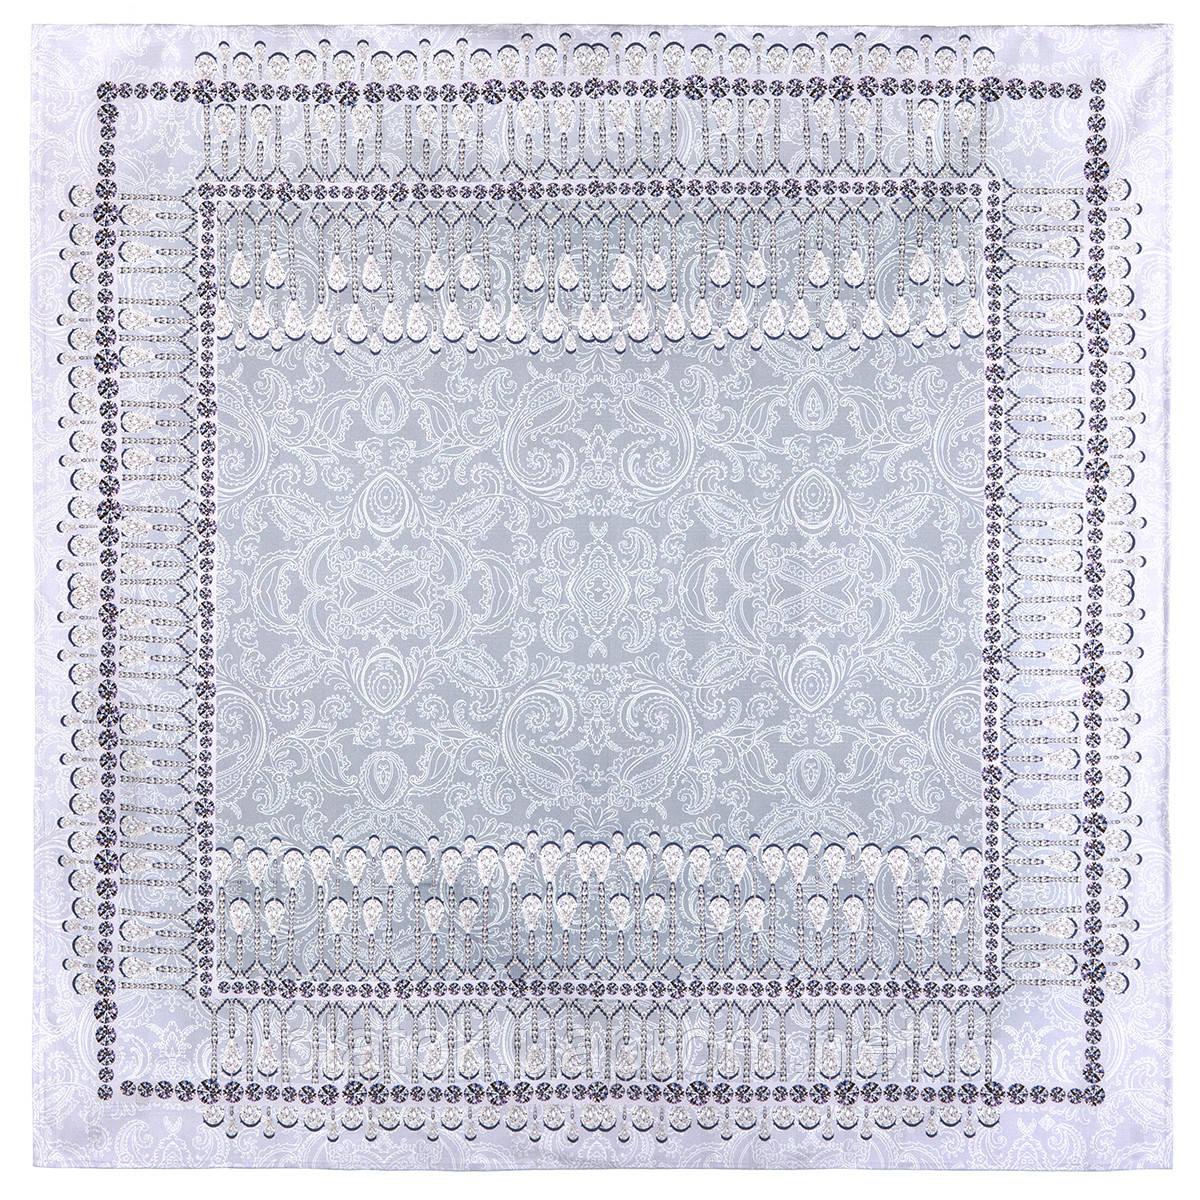 10628-1, павлопосадская скатерть хлопковая квадратная с подрубкой